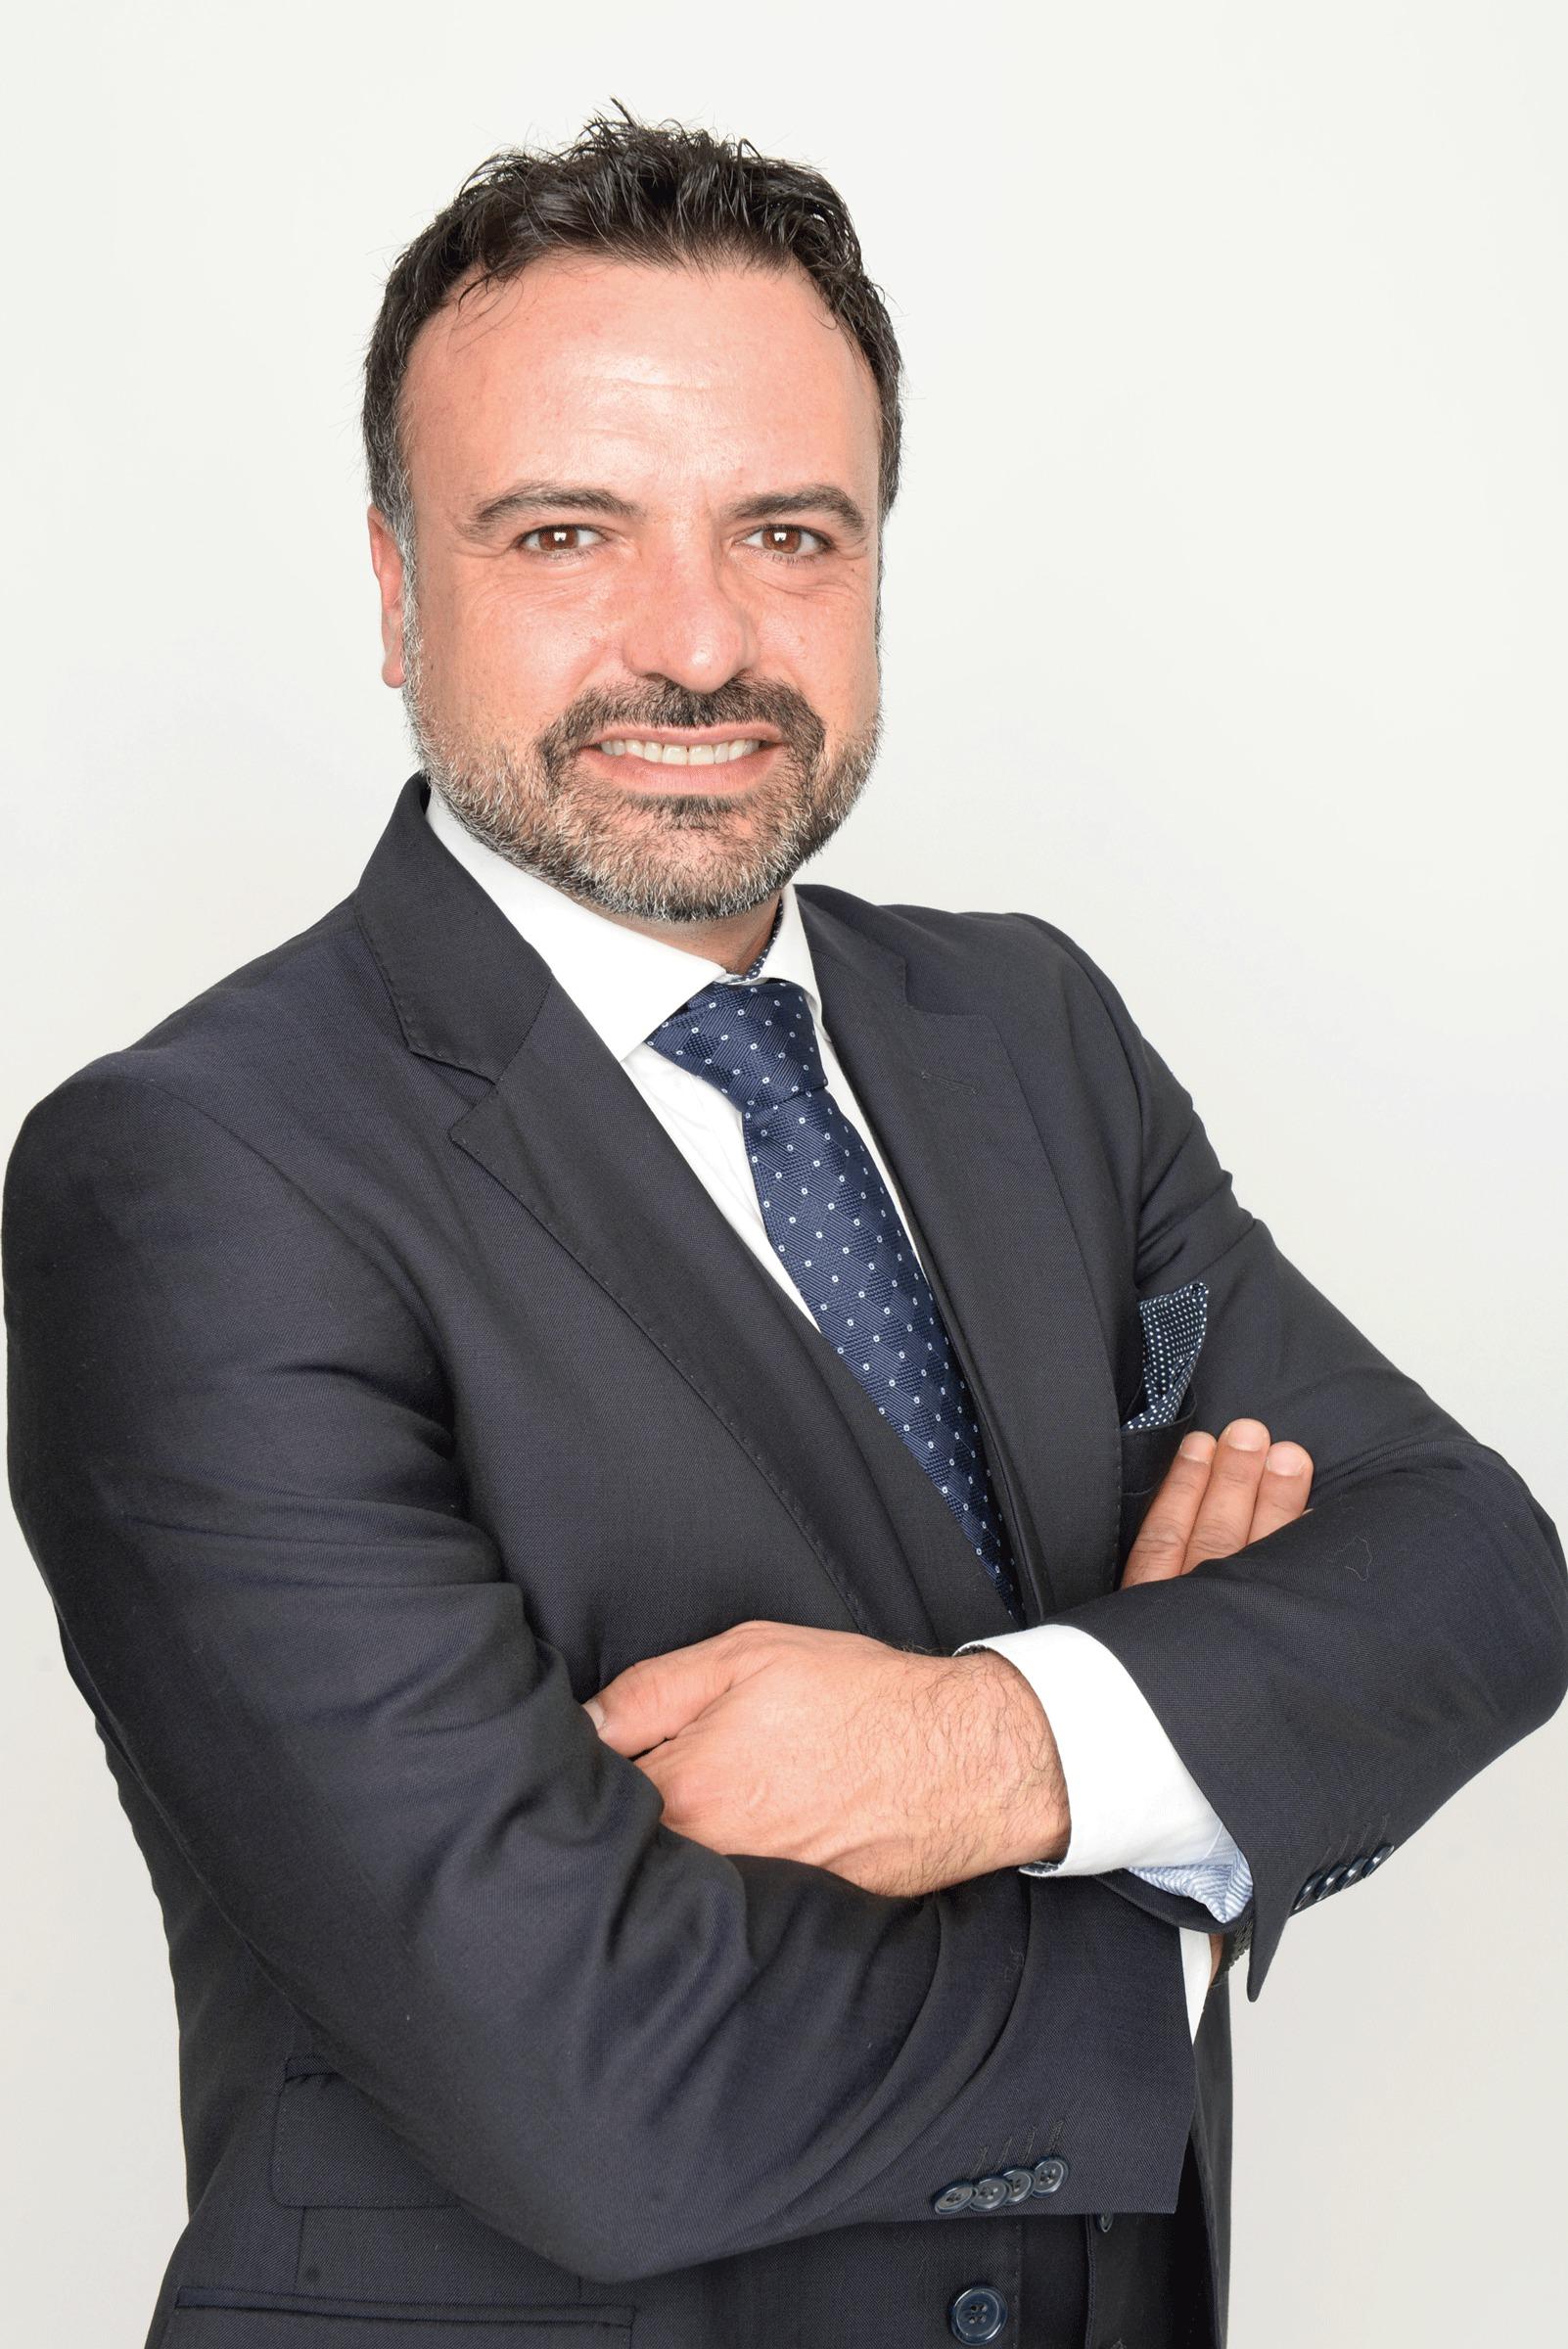 Manuel Cortizo. Desenvolvedor de negócios e diretor de vendas da Fujifilm para a EMEA